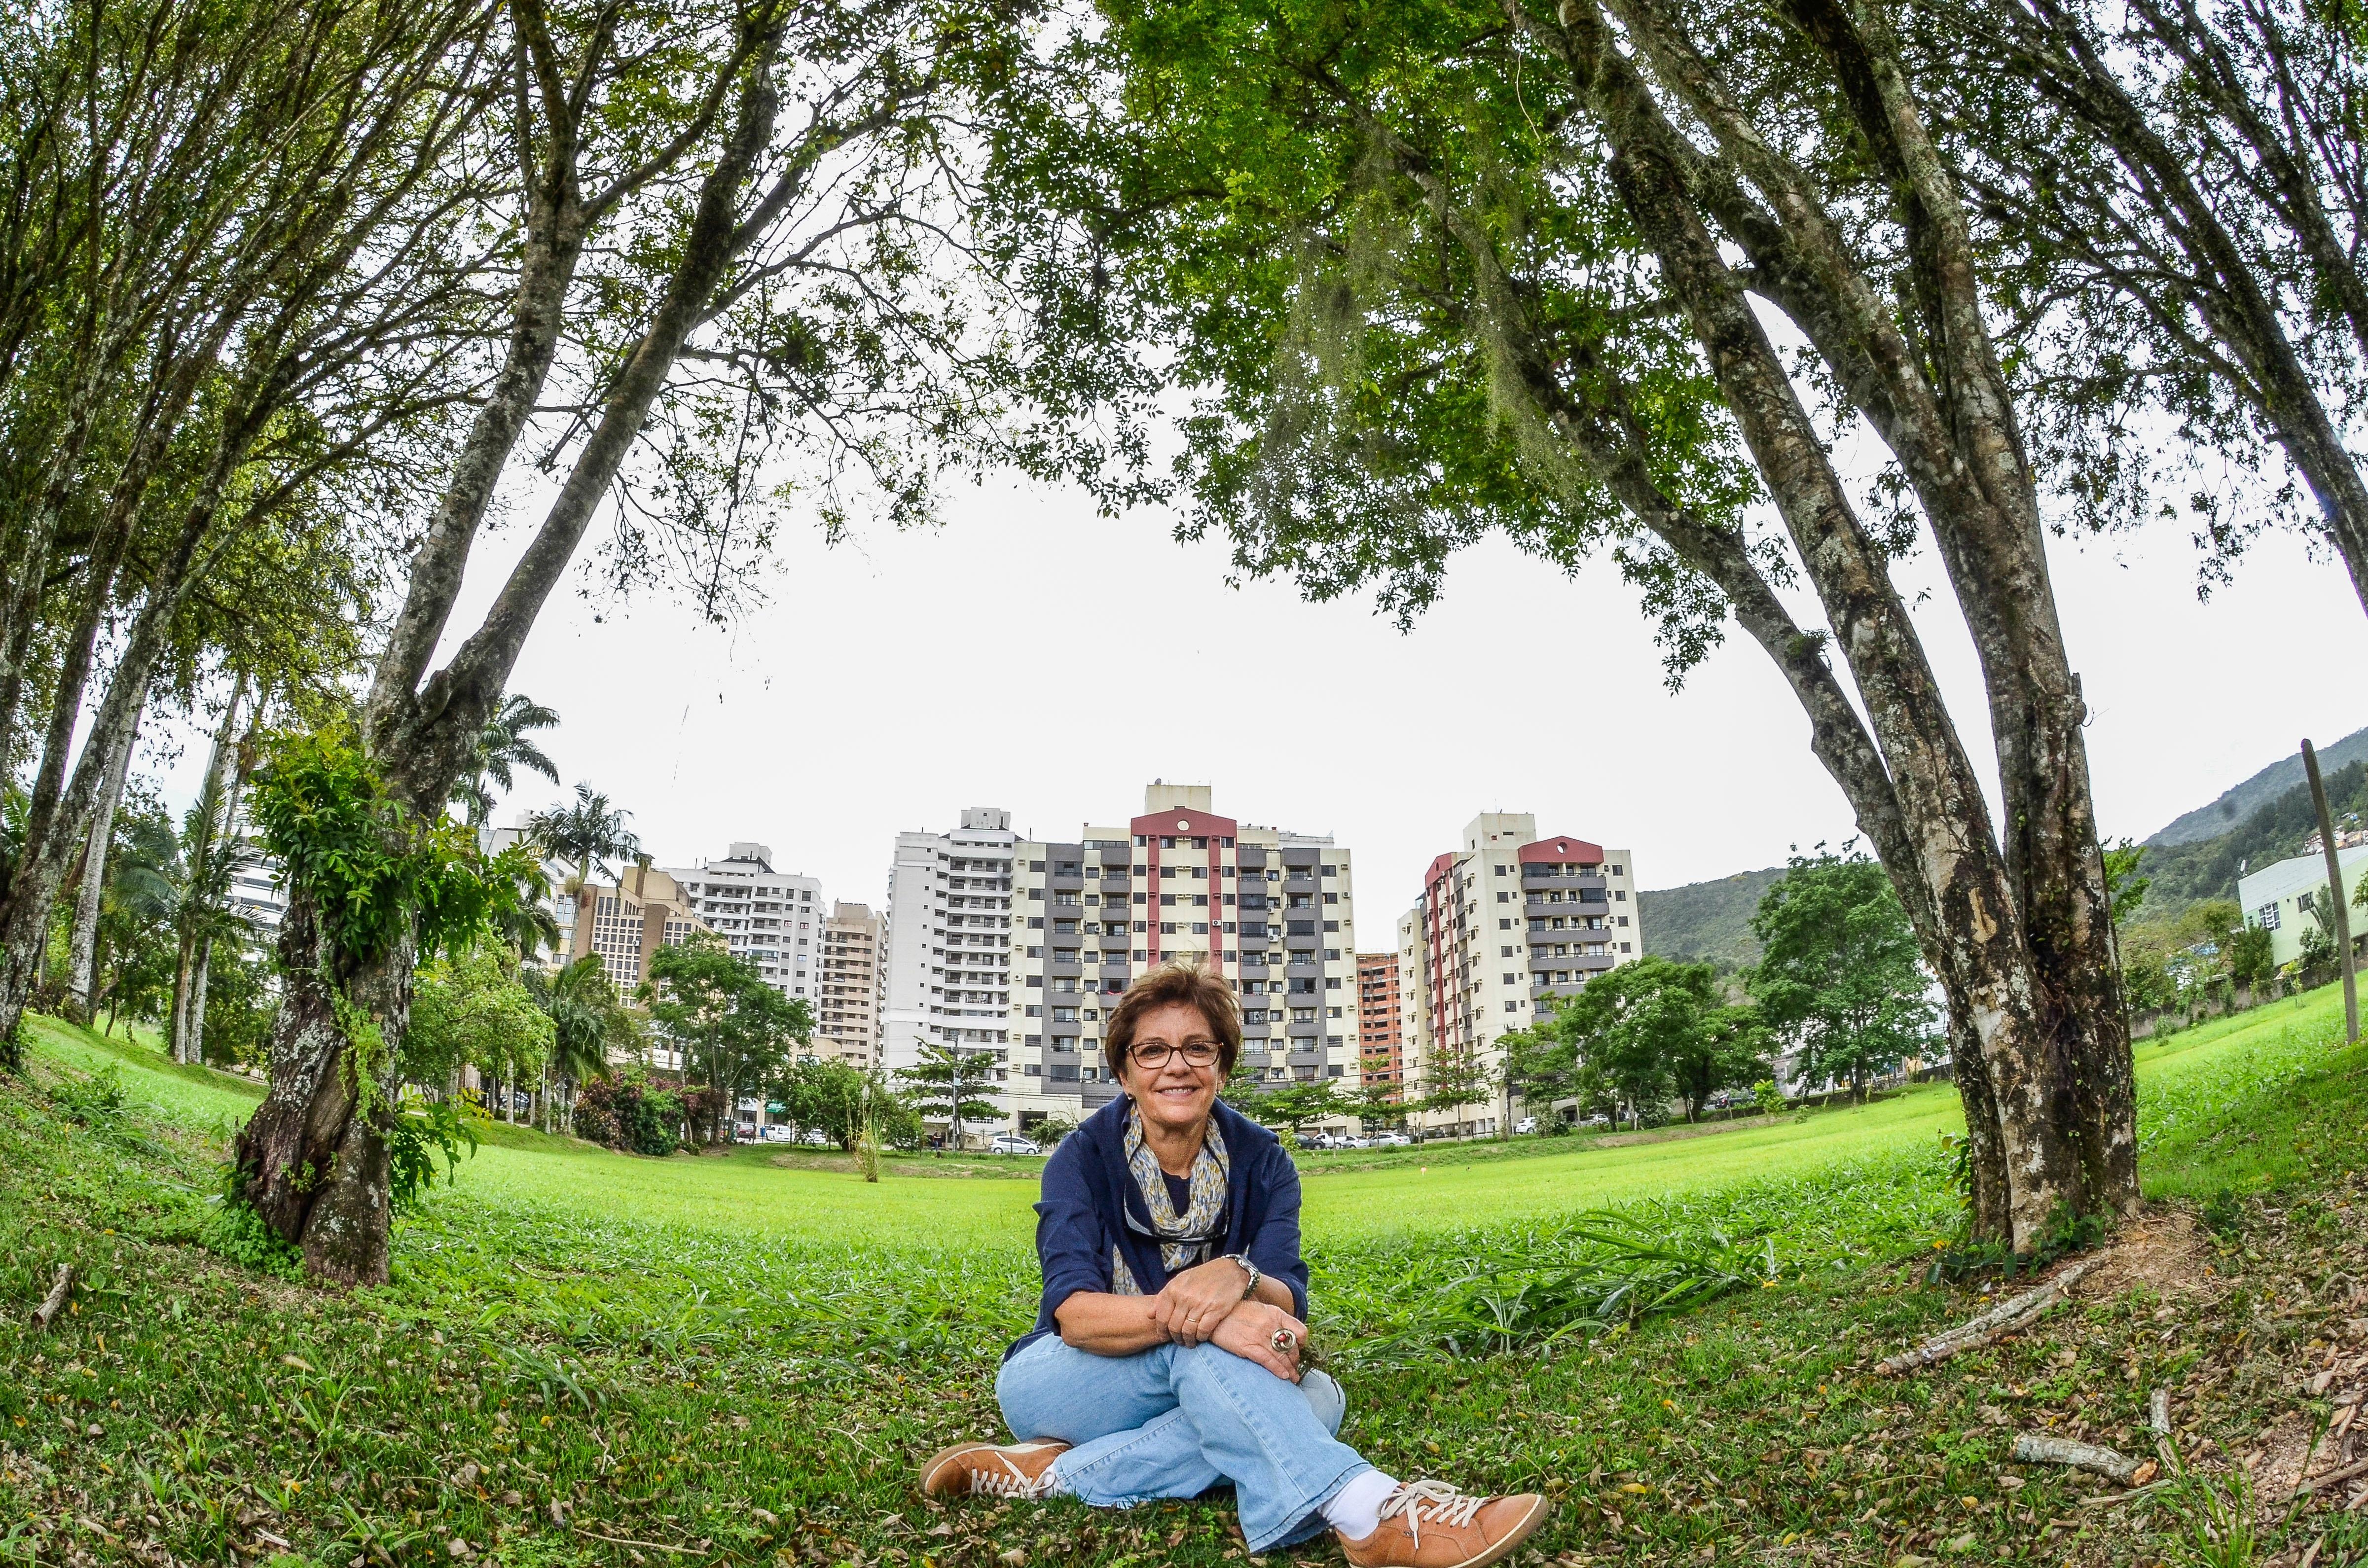 Cecília Herzog conheceu o Jardim Botânico de Florianópolis e fez algumas críticas ao novo parque da cidade - Joyce Reinert/ND